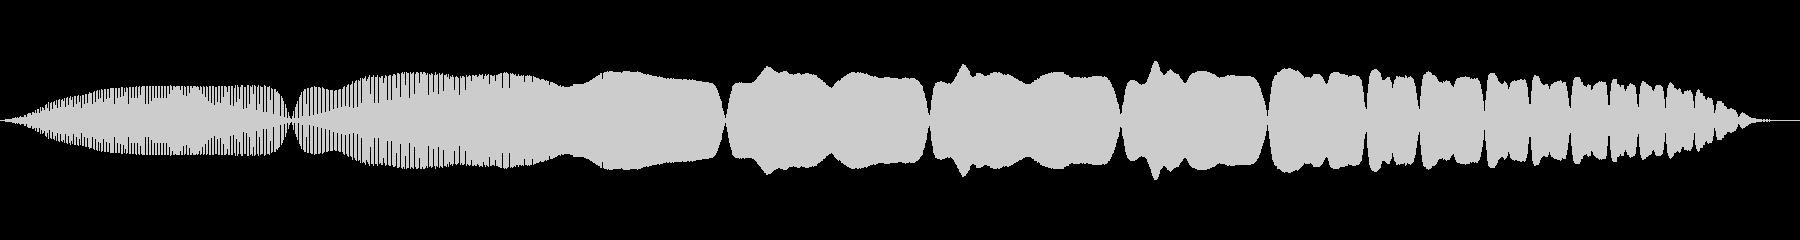 THEREMIN:ロング・スイープ...の未再生の波形